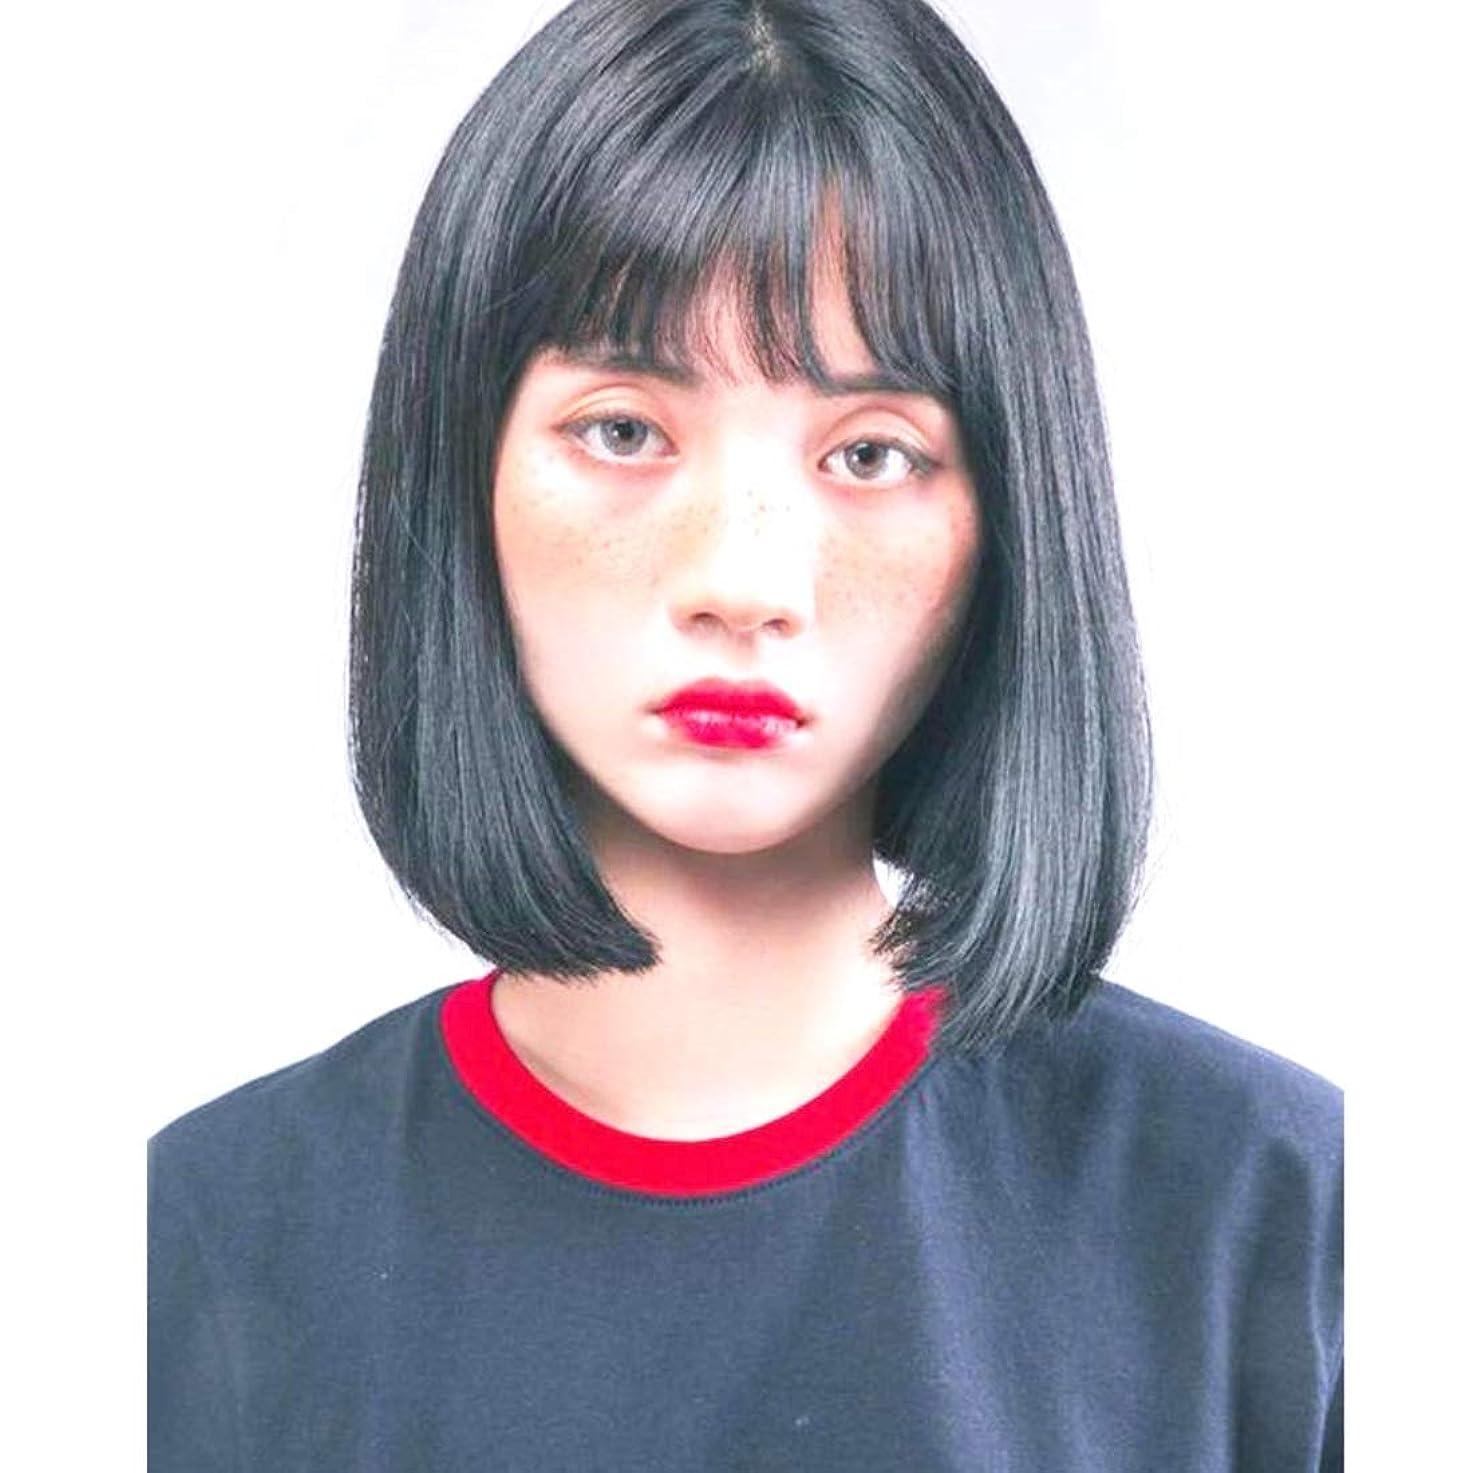 マイクロ威するスライムSummerys ボブウィッグショートストレート人工毛髪前髪自然に見える女性用耐熱性